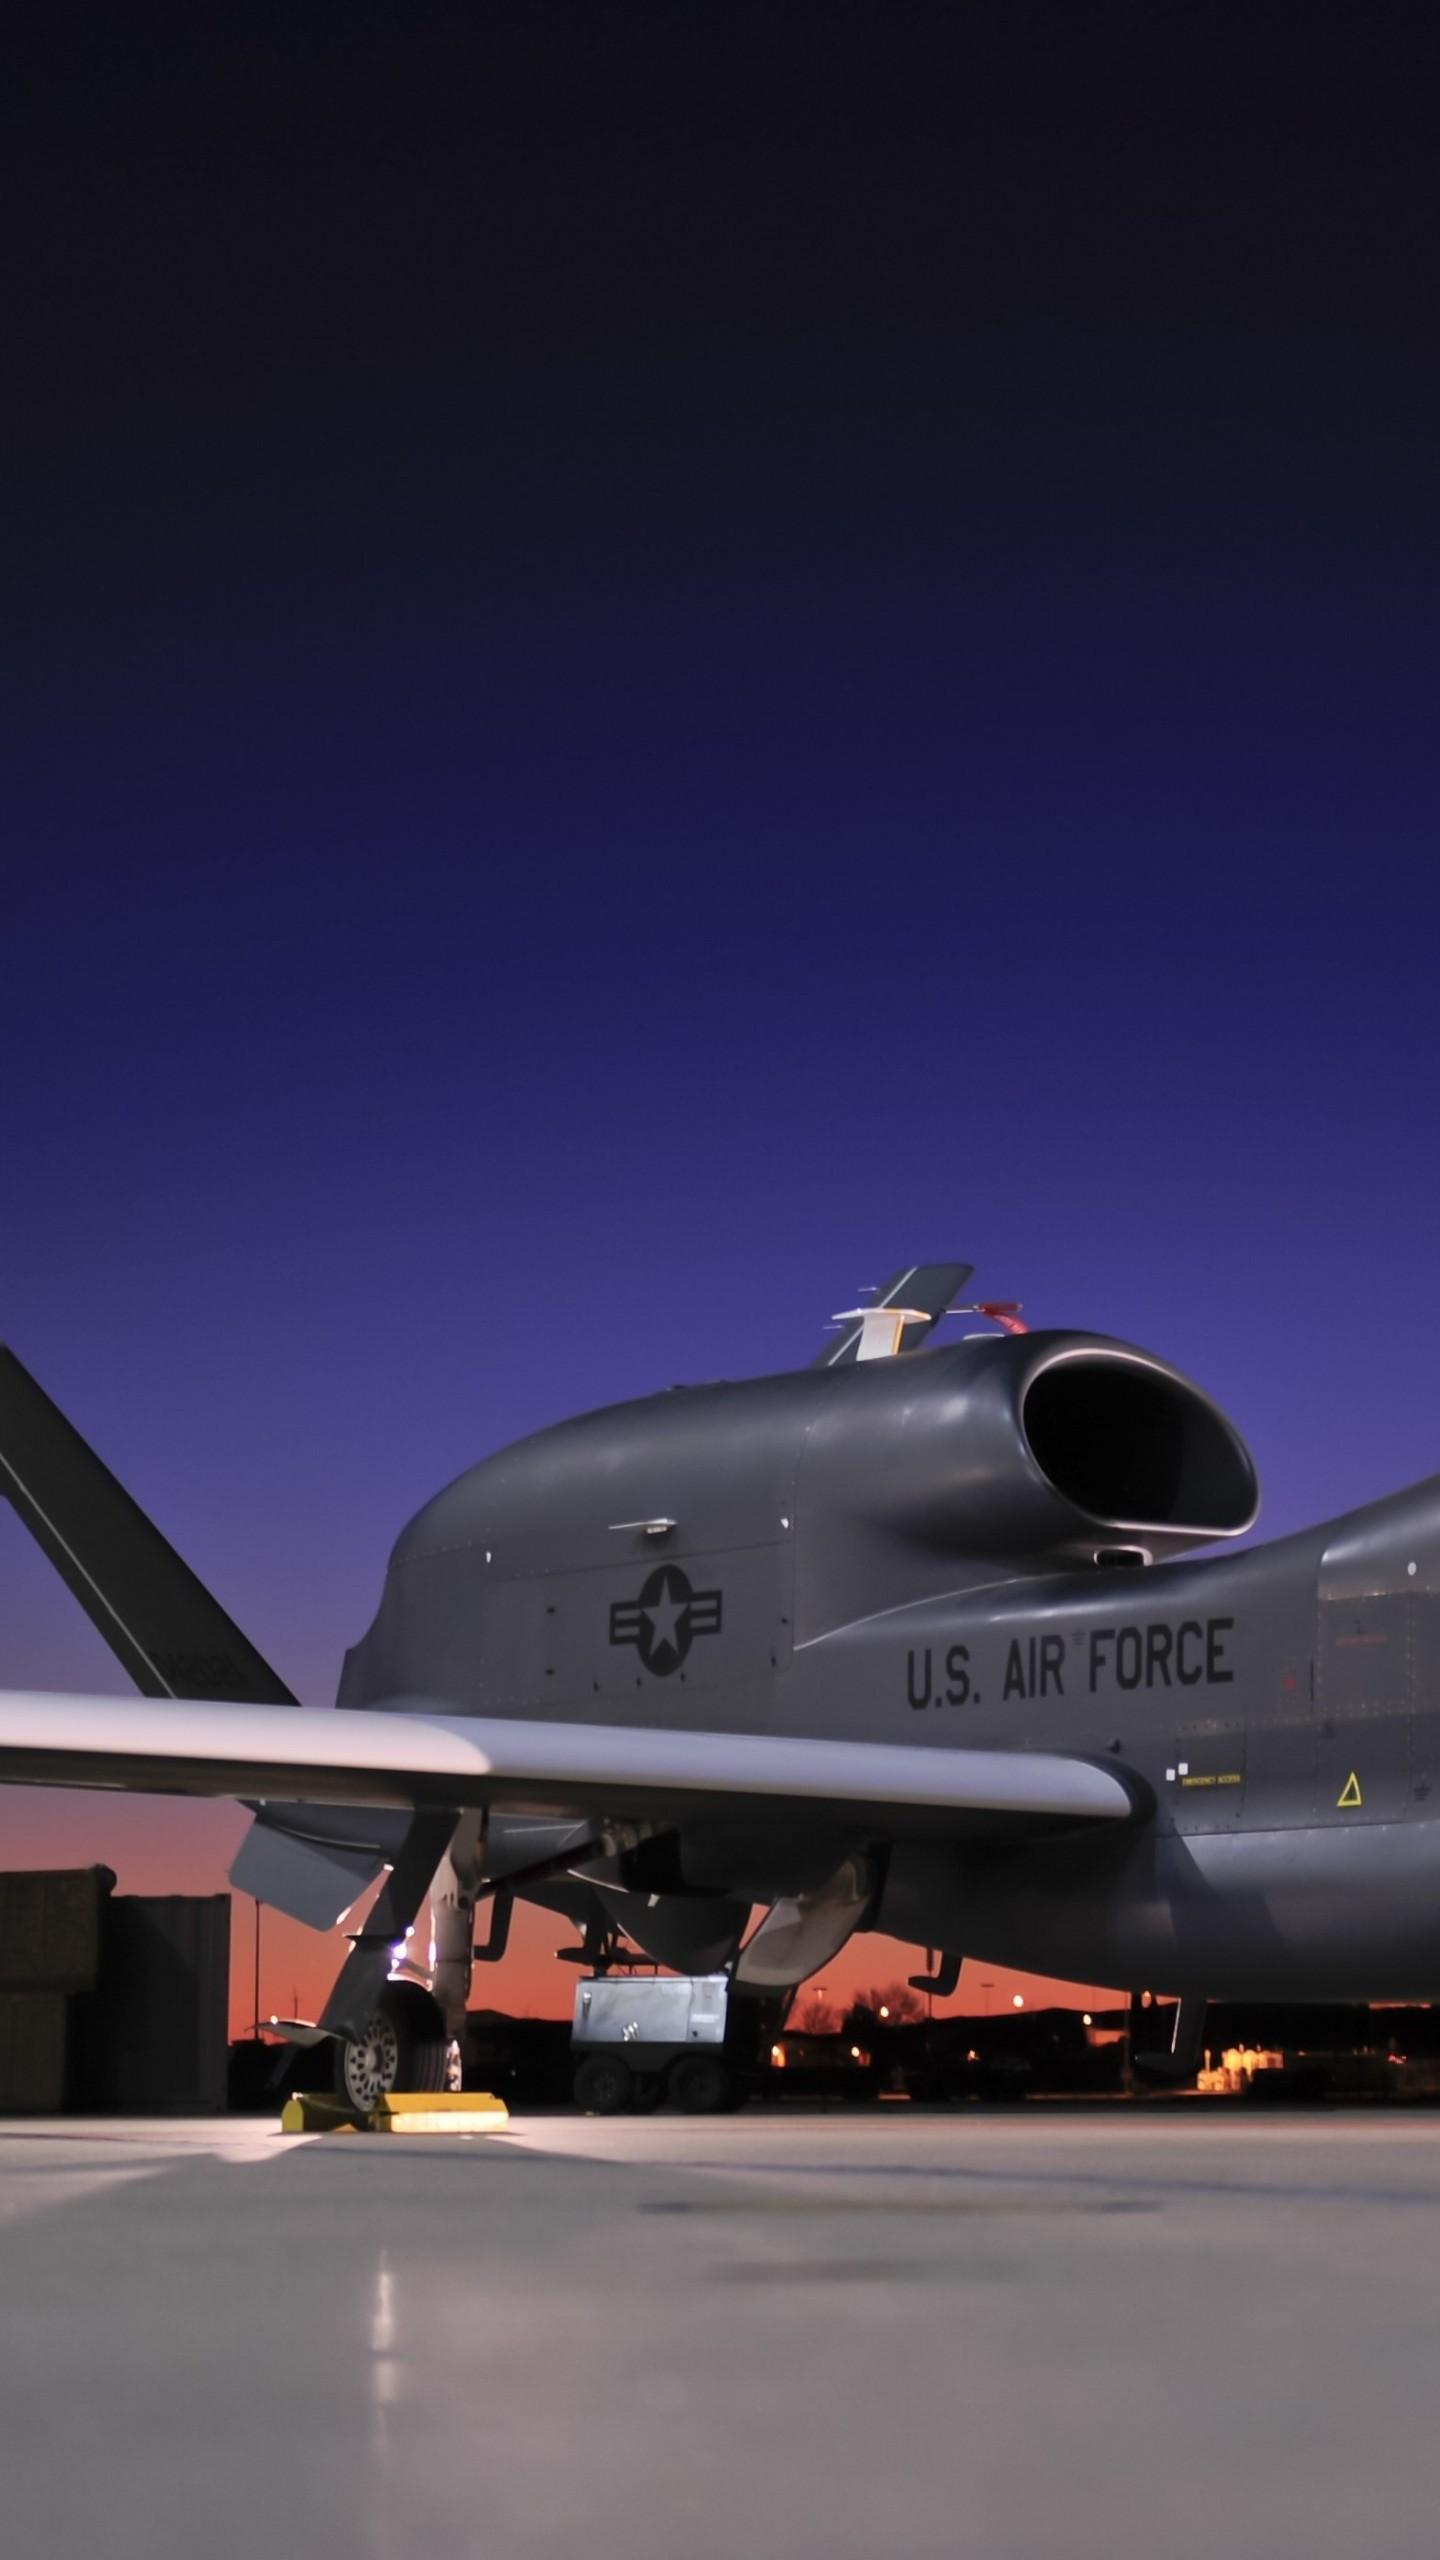 عکس زمینه هواپیمای جاسوسی گلوبال هاوک ارتش آمریکا پس زمینه